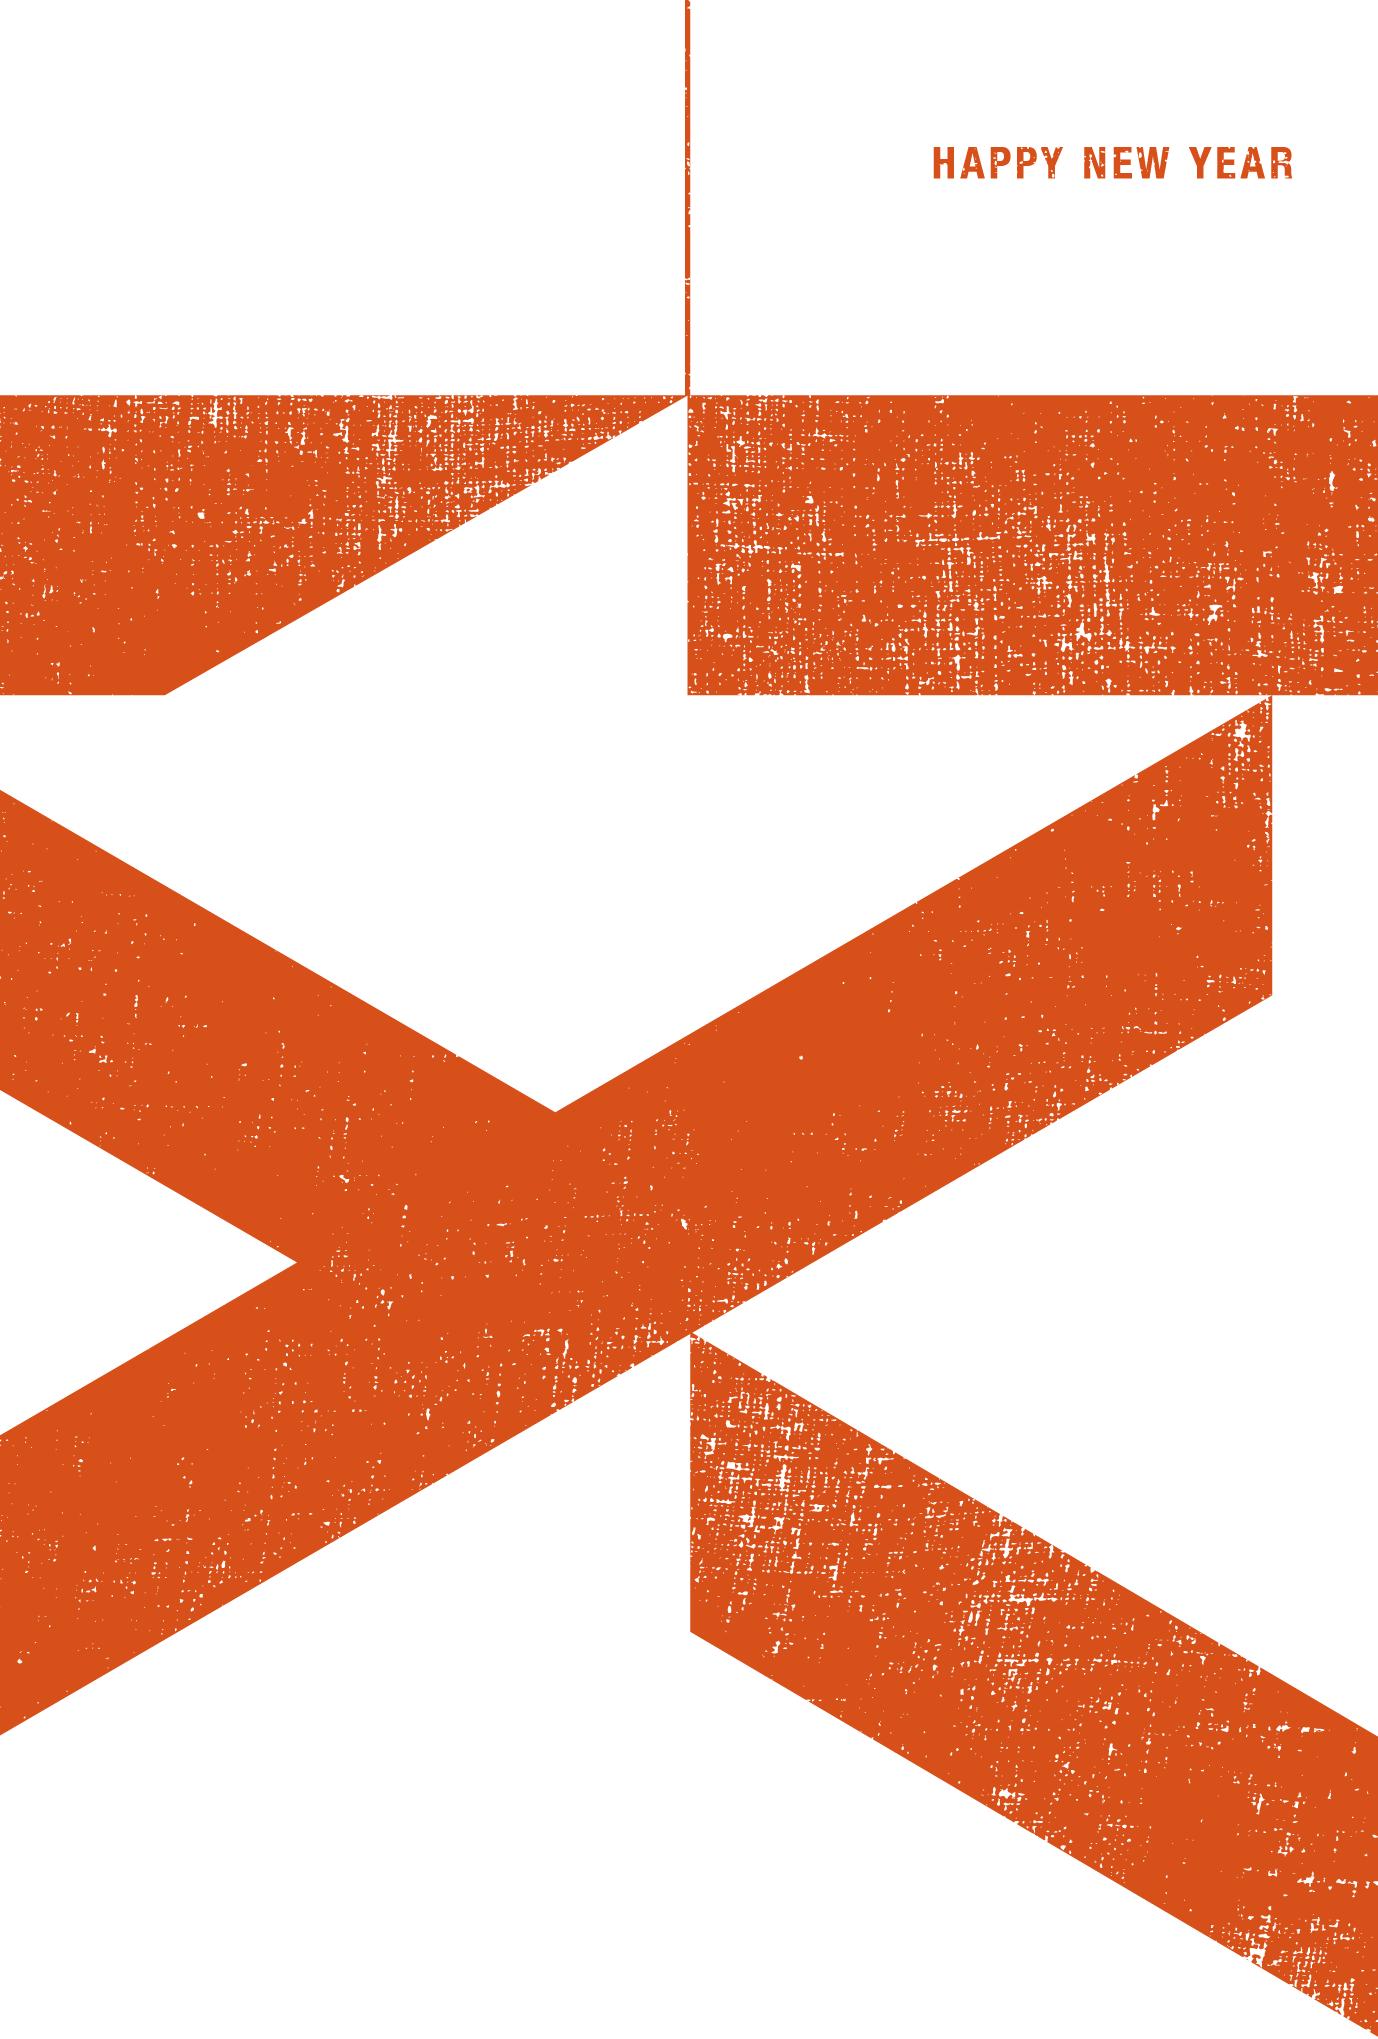 2019年賀状15-3:亥の図案 / 赤のダウンロード画像